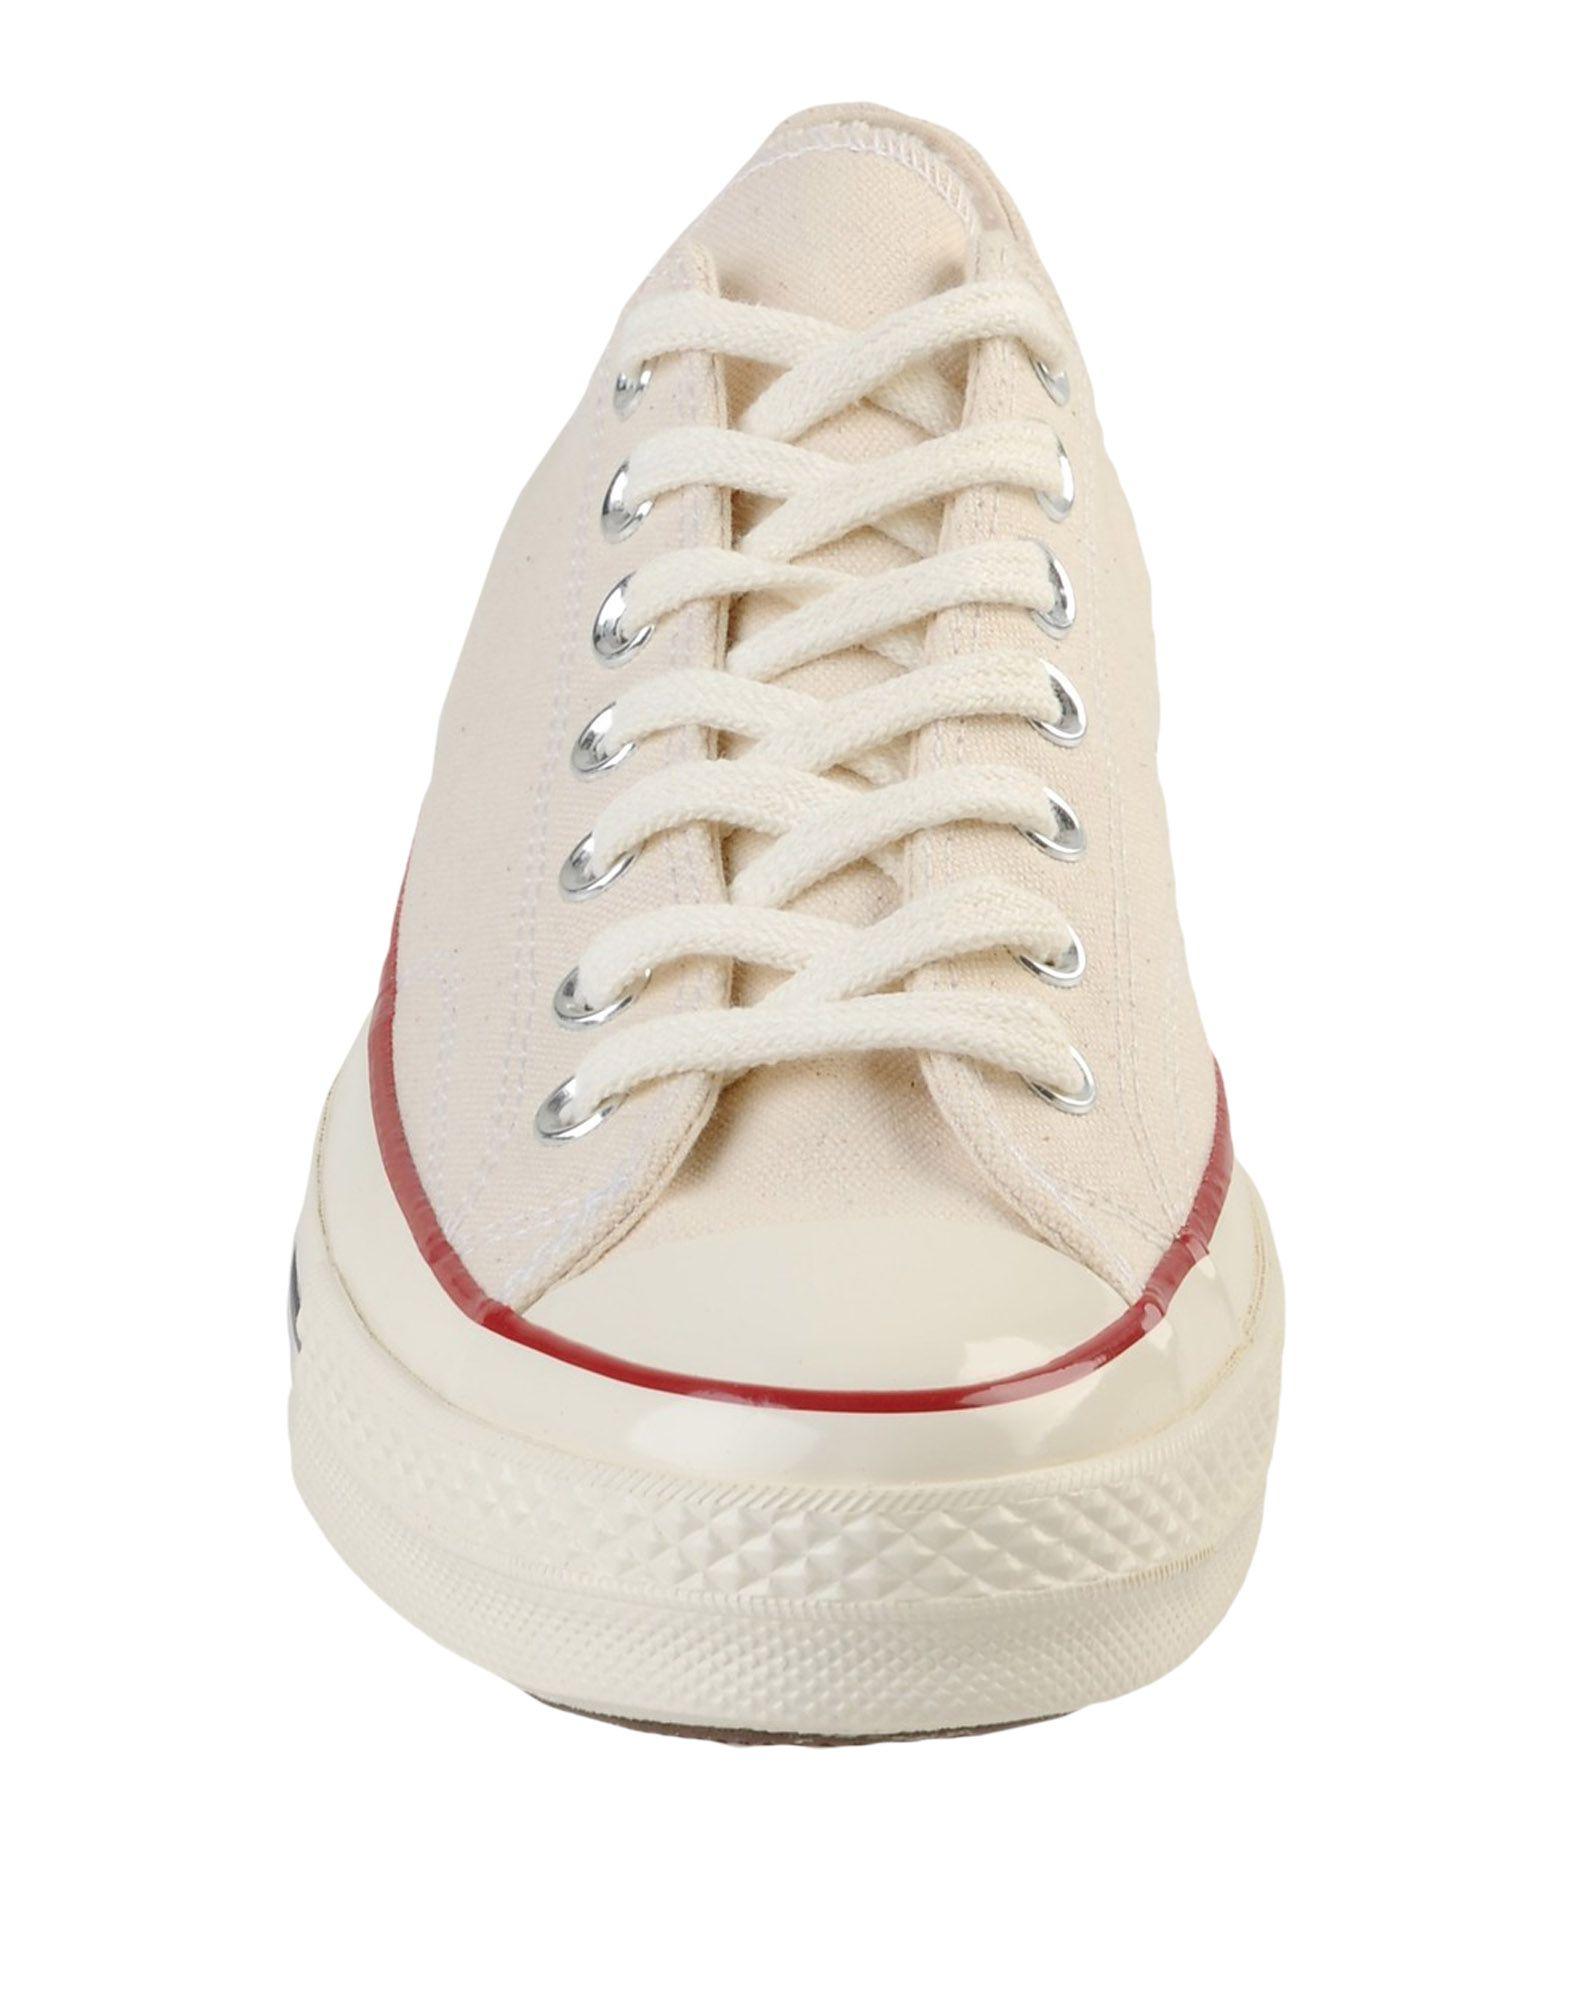 Rabatt echte 70 Schuhe Converse All Star Chuck 70 echte Ox  11551137PP 612a0e